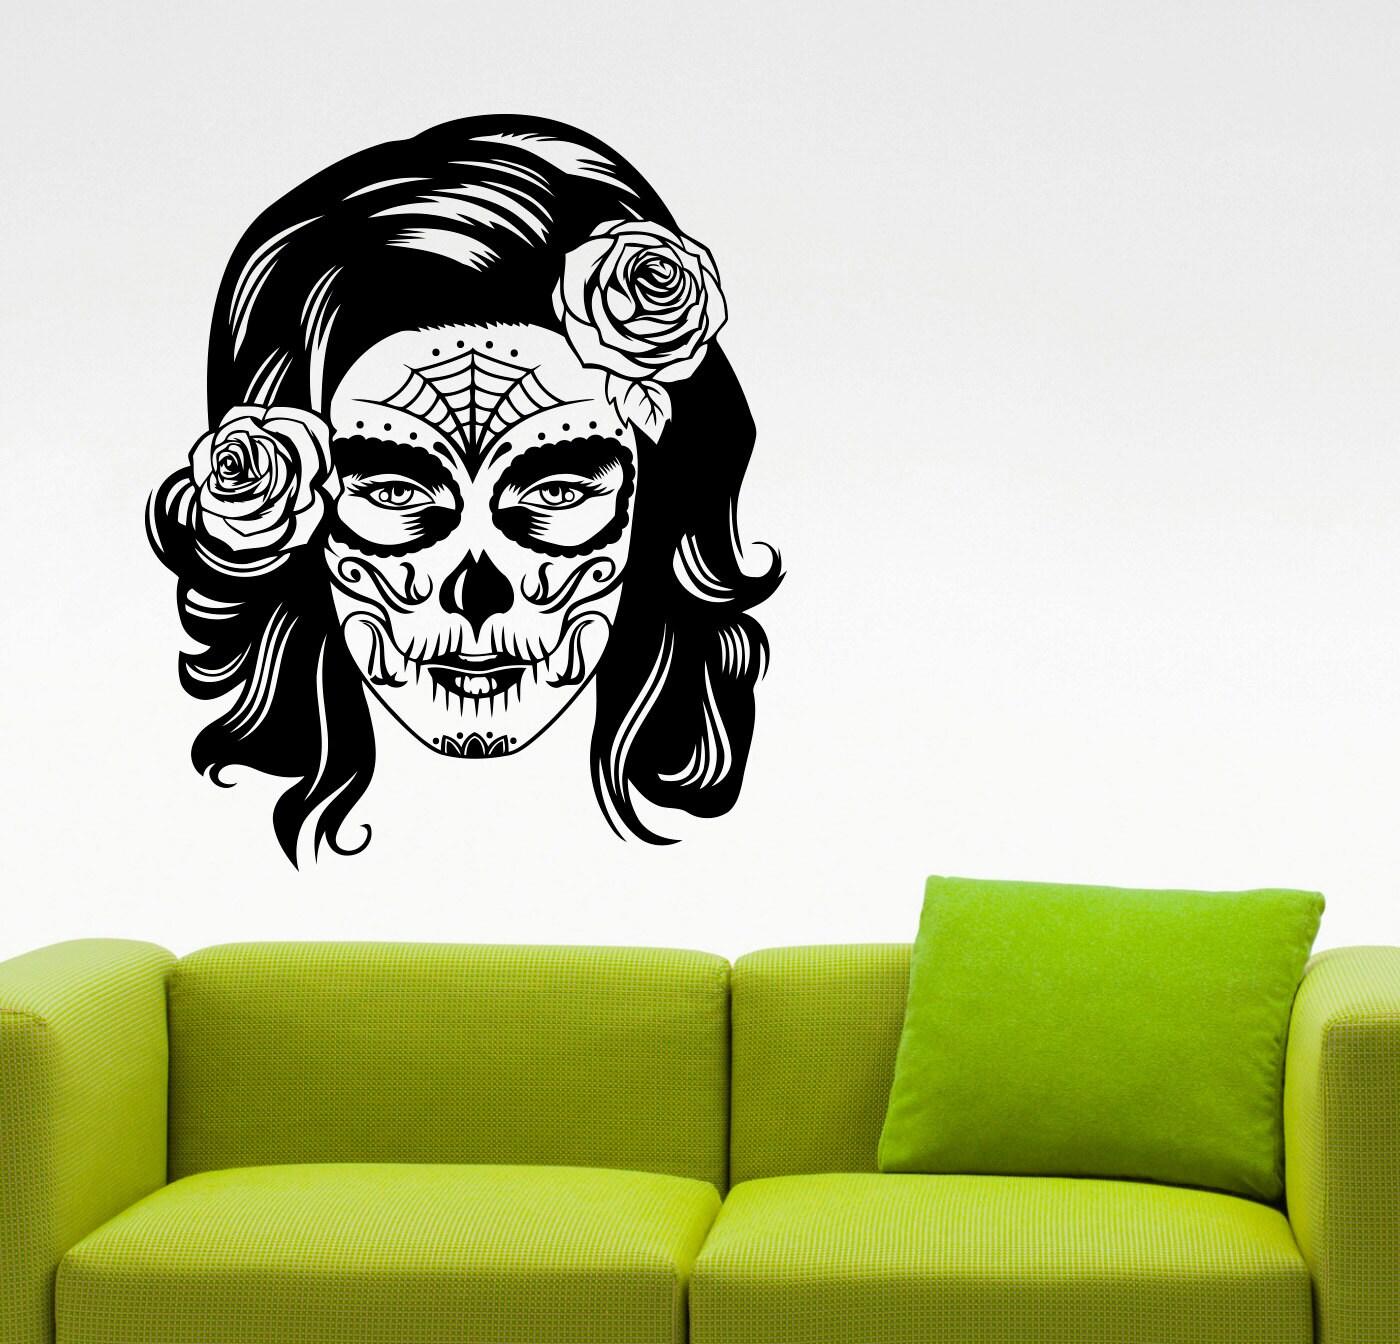 Salón de belleza de azúcar cráneo mujer cara pared calcomanía